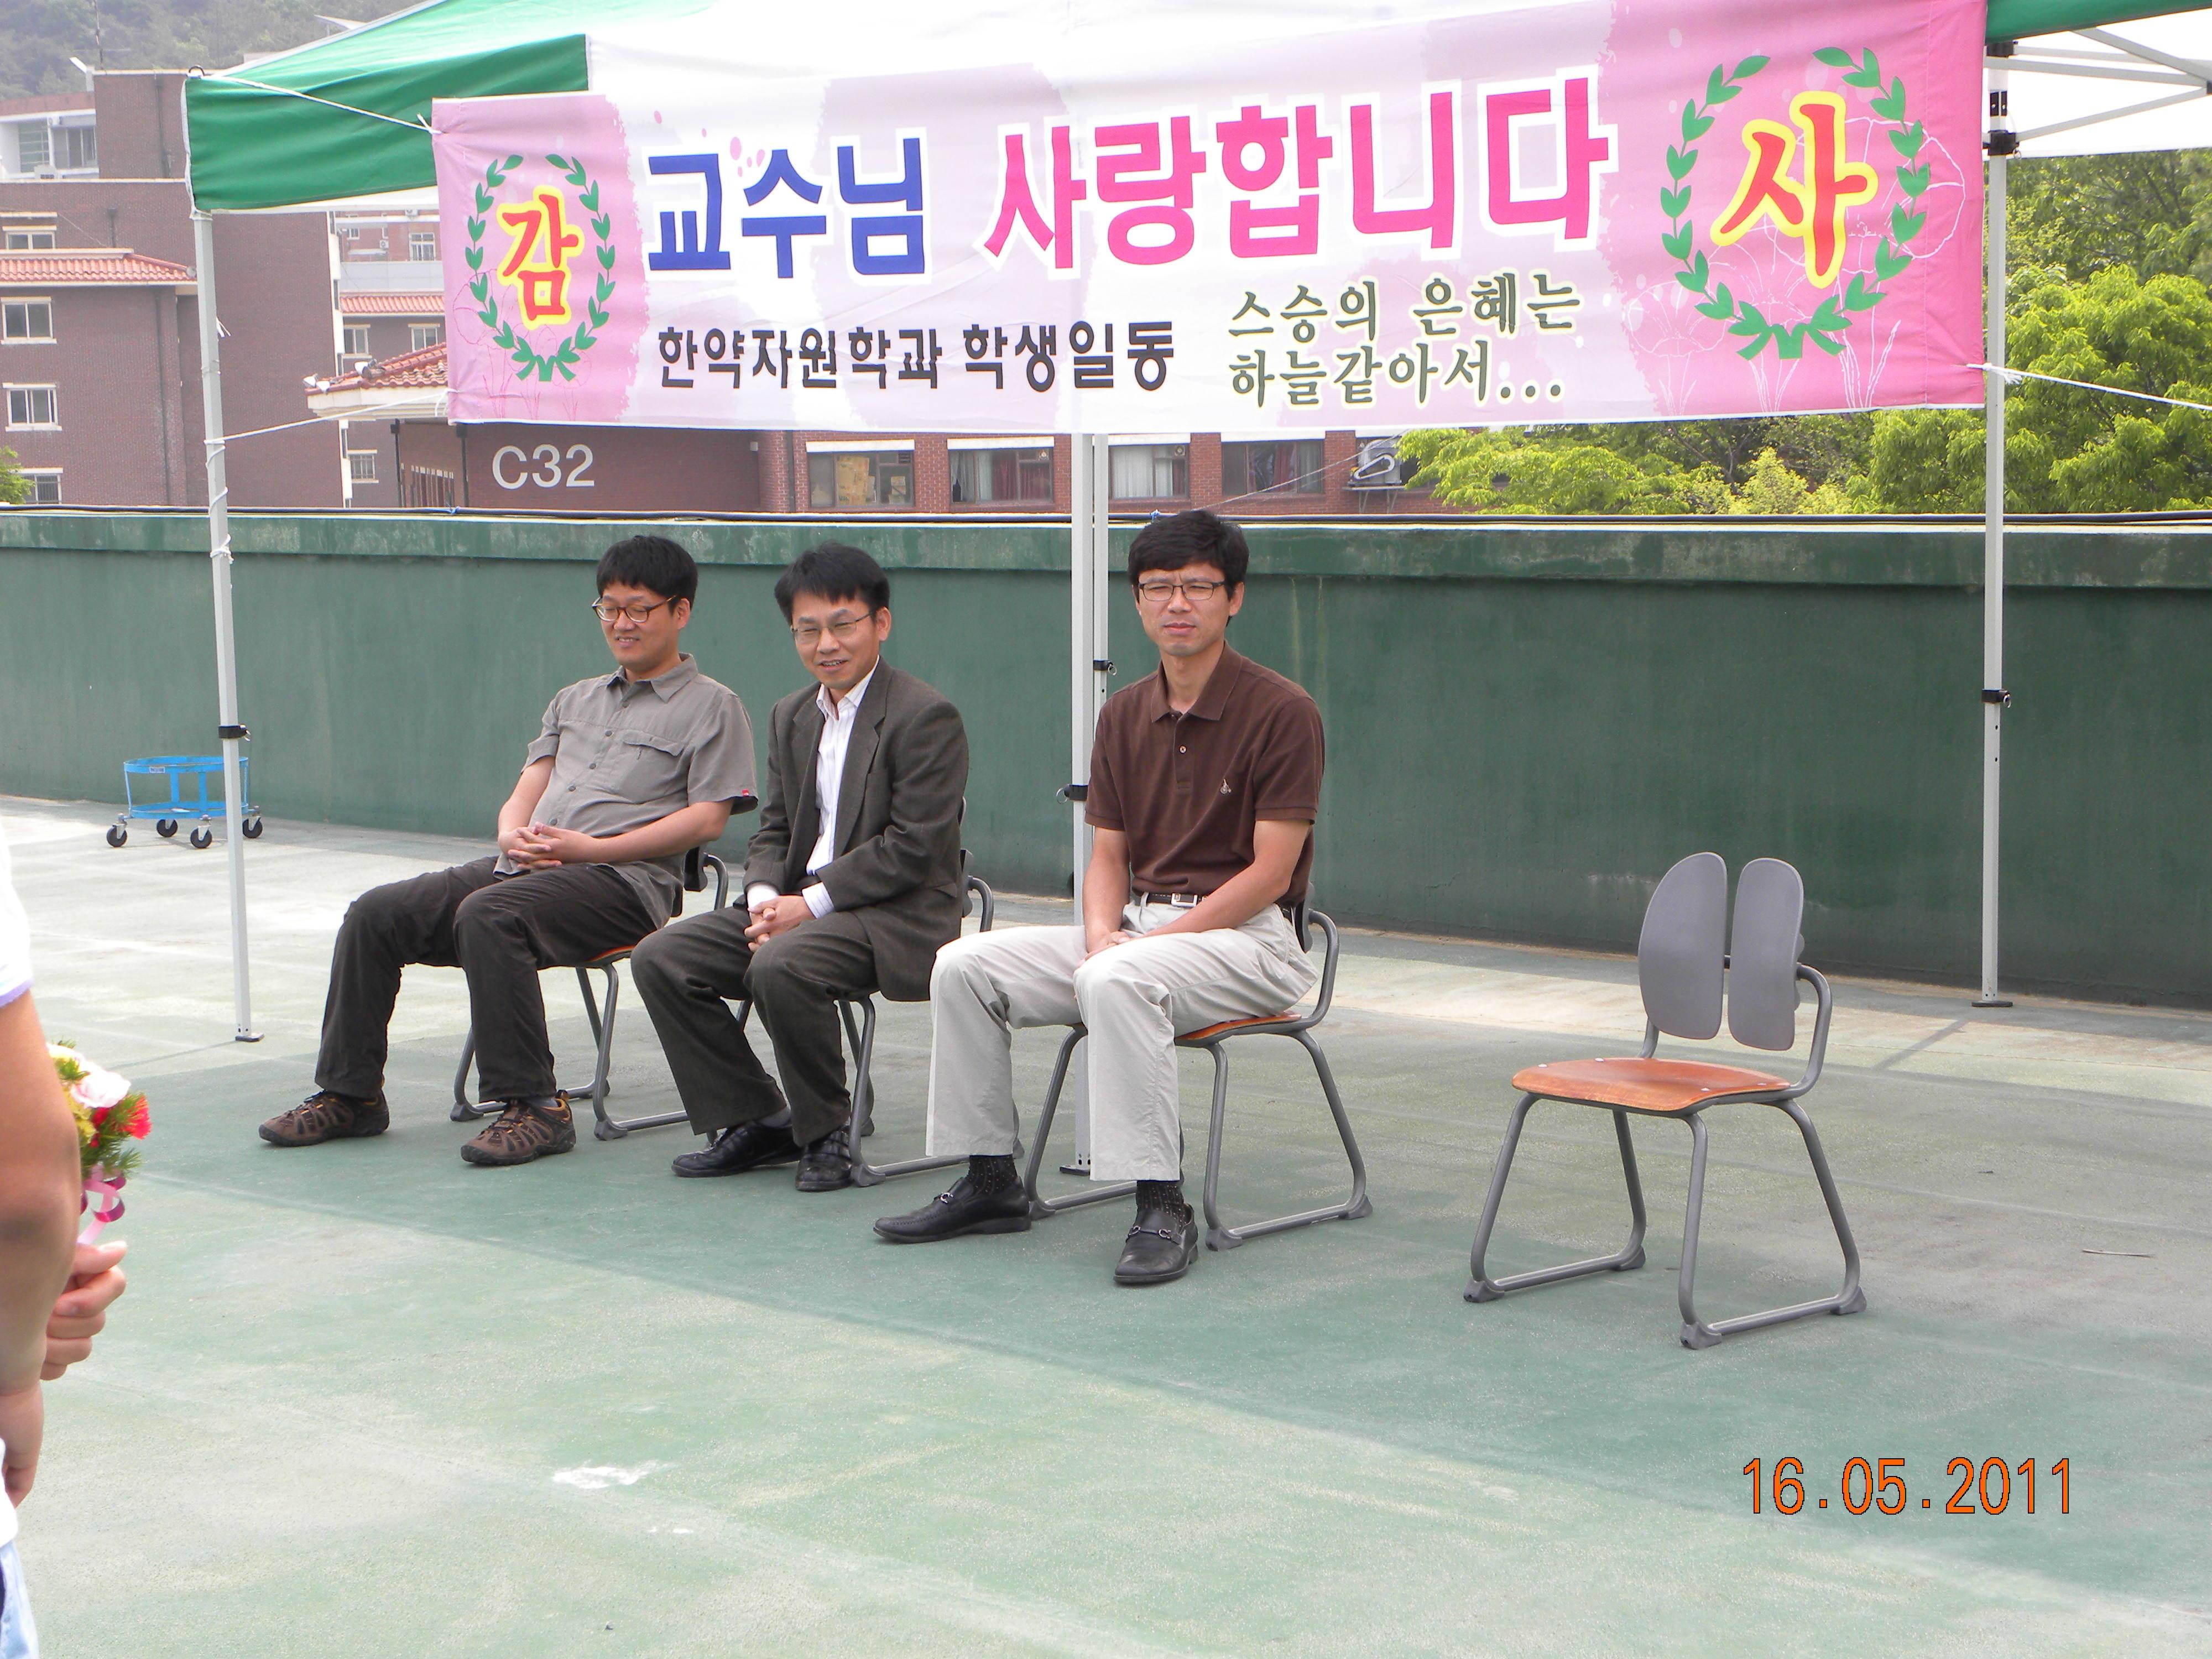 2011.5.16 스승의날 행사